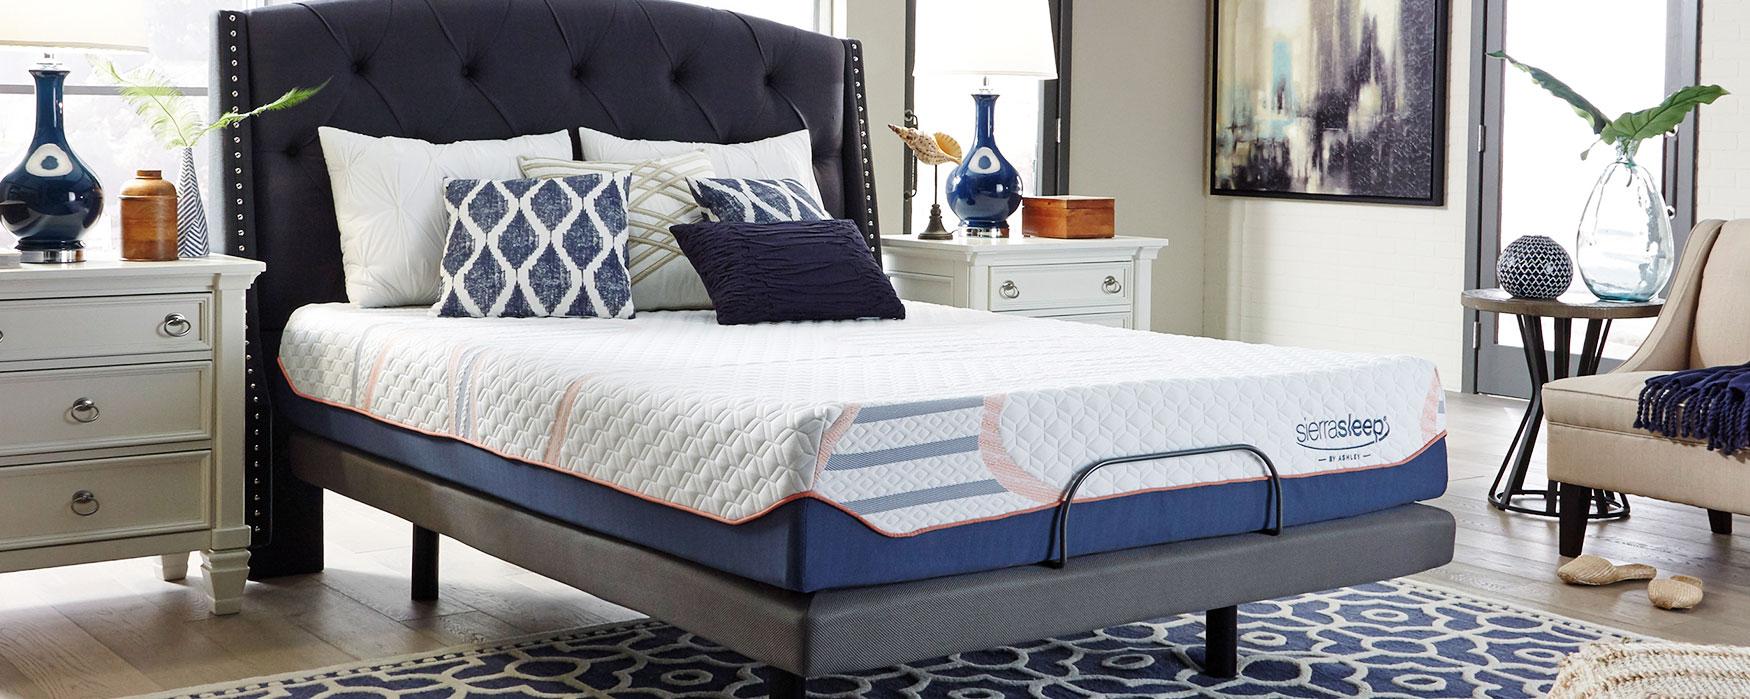 JaxCo | Mattress, Bedroom, Living Room furniture store in ...